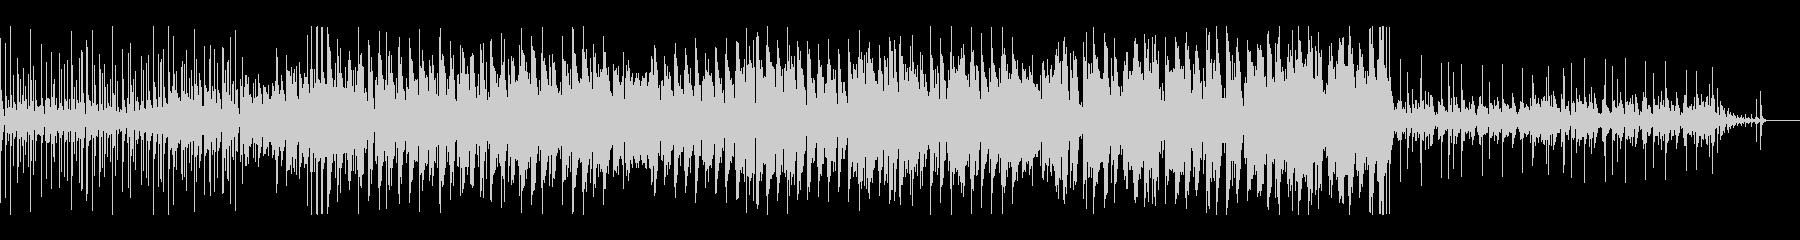 ラテン風 ショート キック強調の未再生の波形